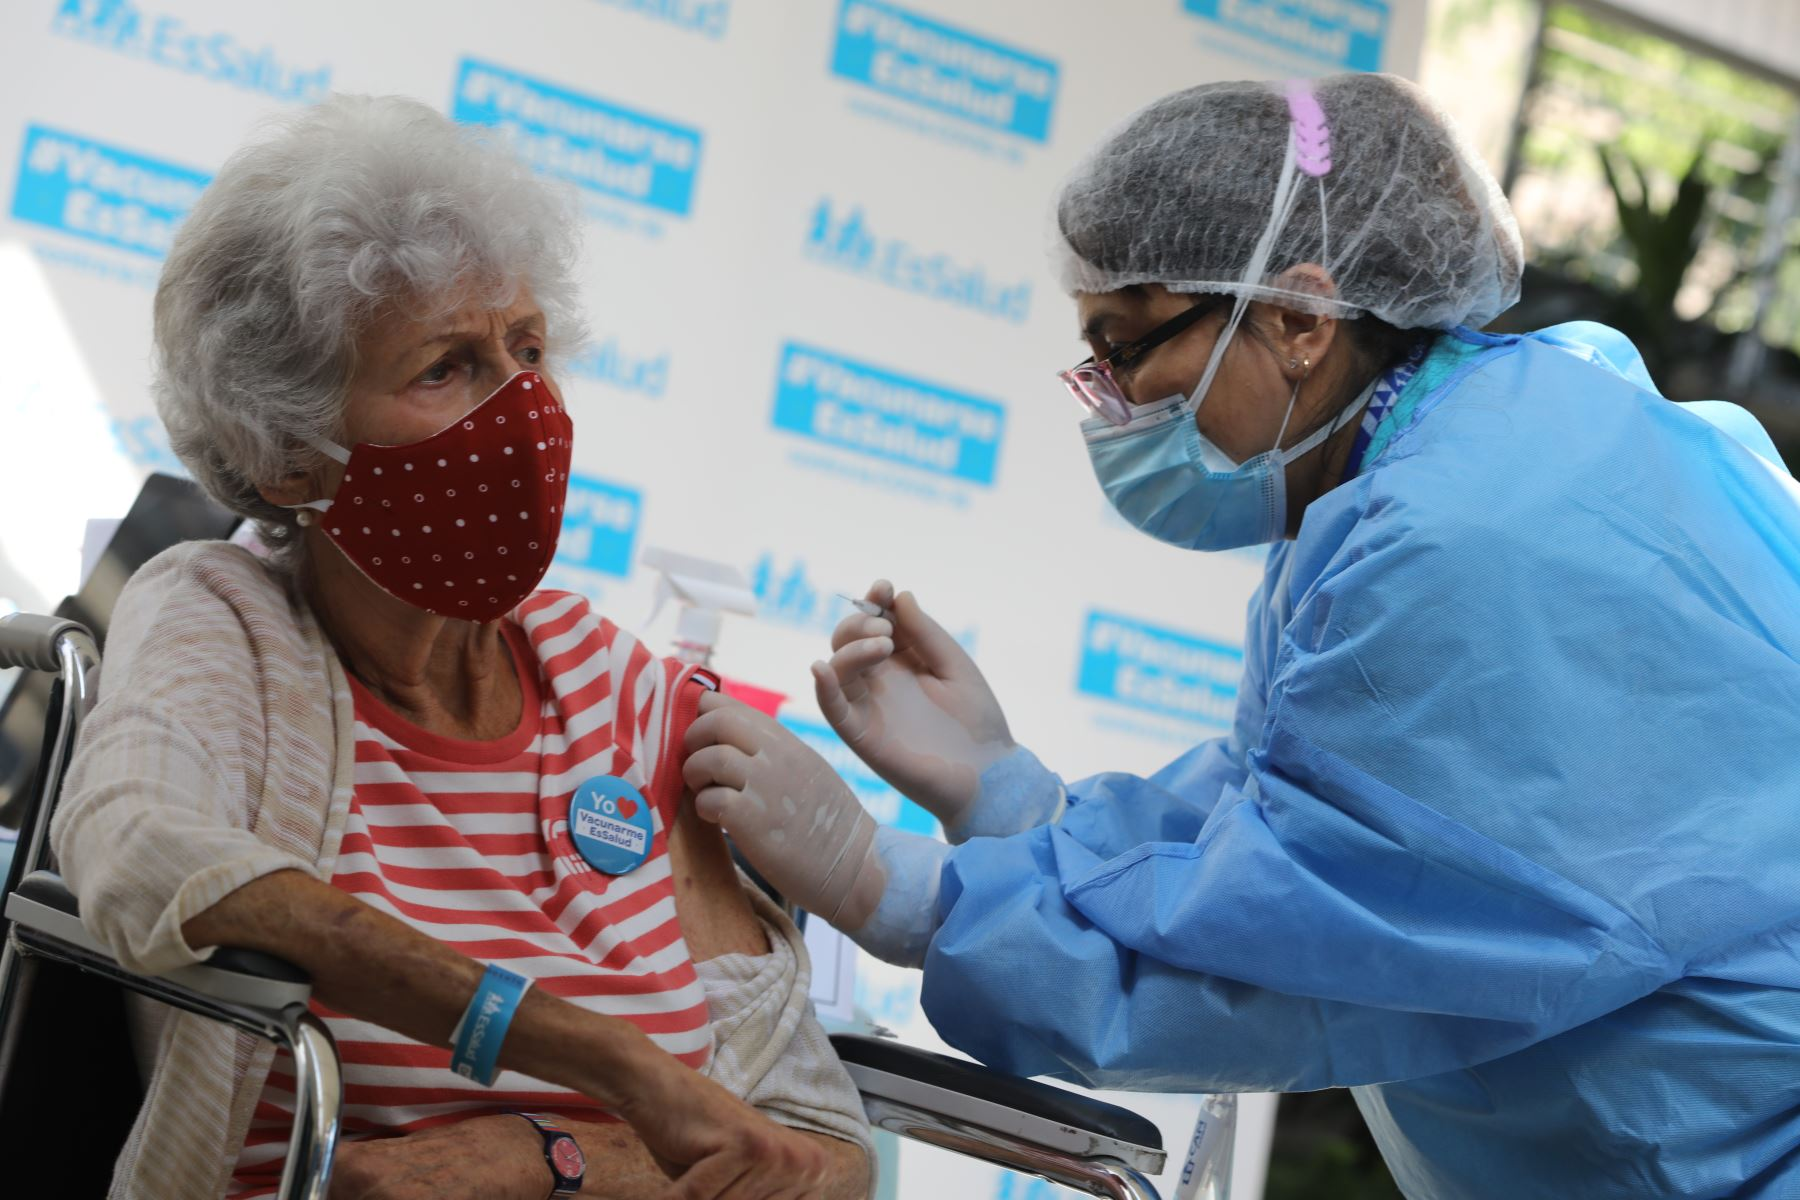 Los adultos mayores que lleven tratamiento médico deben consultar a un especialista 48 horas antes de ser inoculados. Foto: ANDINA/EsSalud